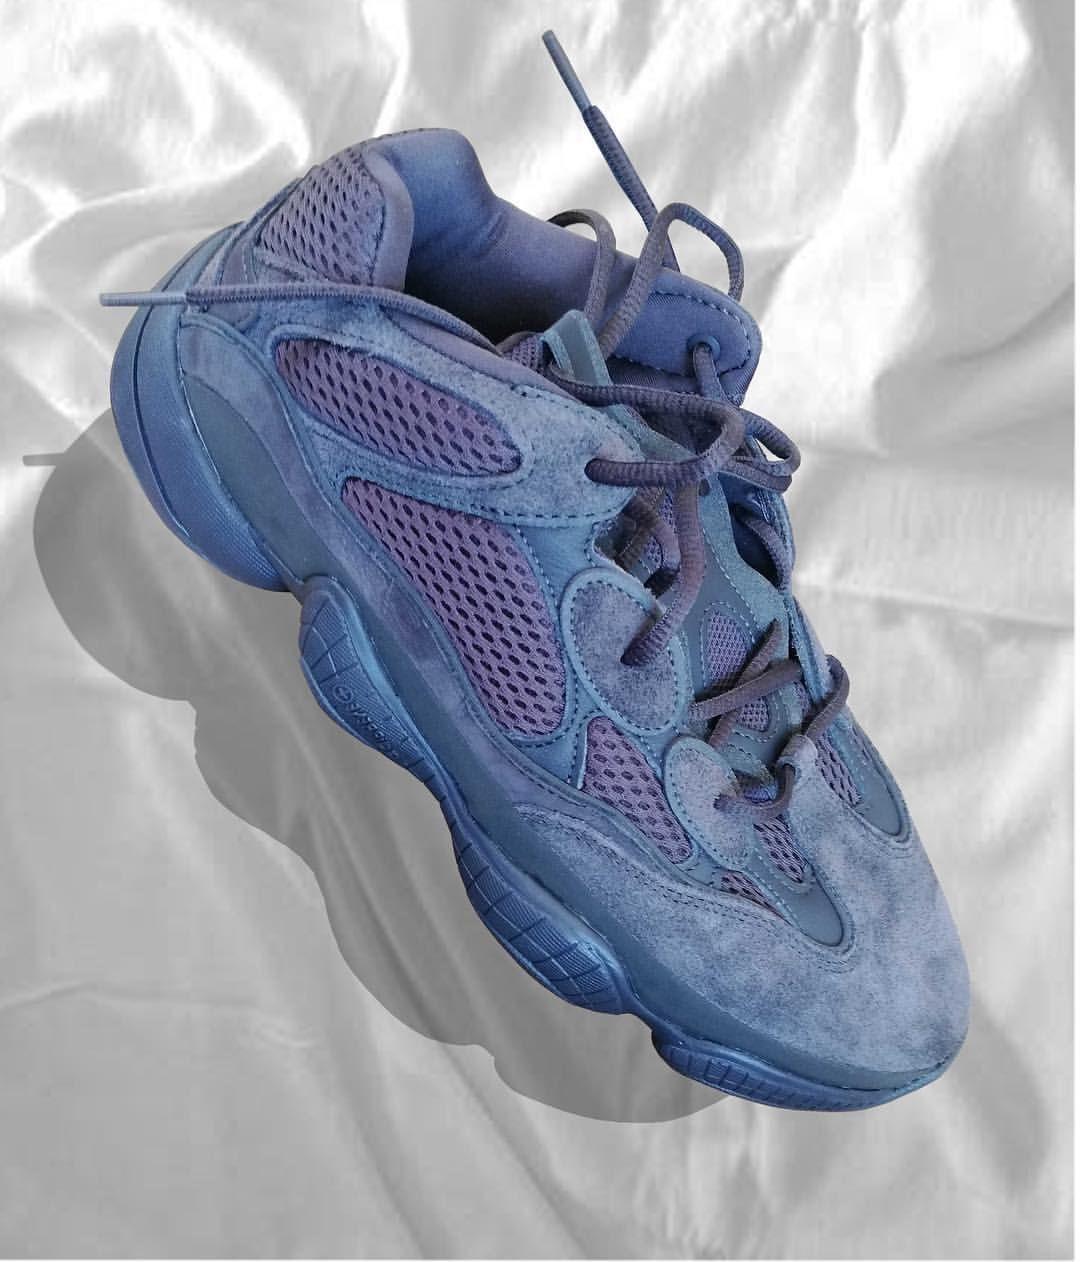 finest selection 15a85 10fee Yeezy 500 blueberry | Sneaker Freaker | Sneakers nike ...